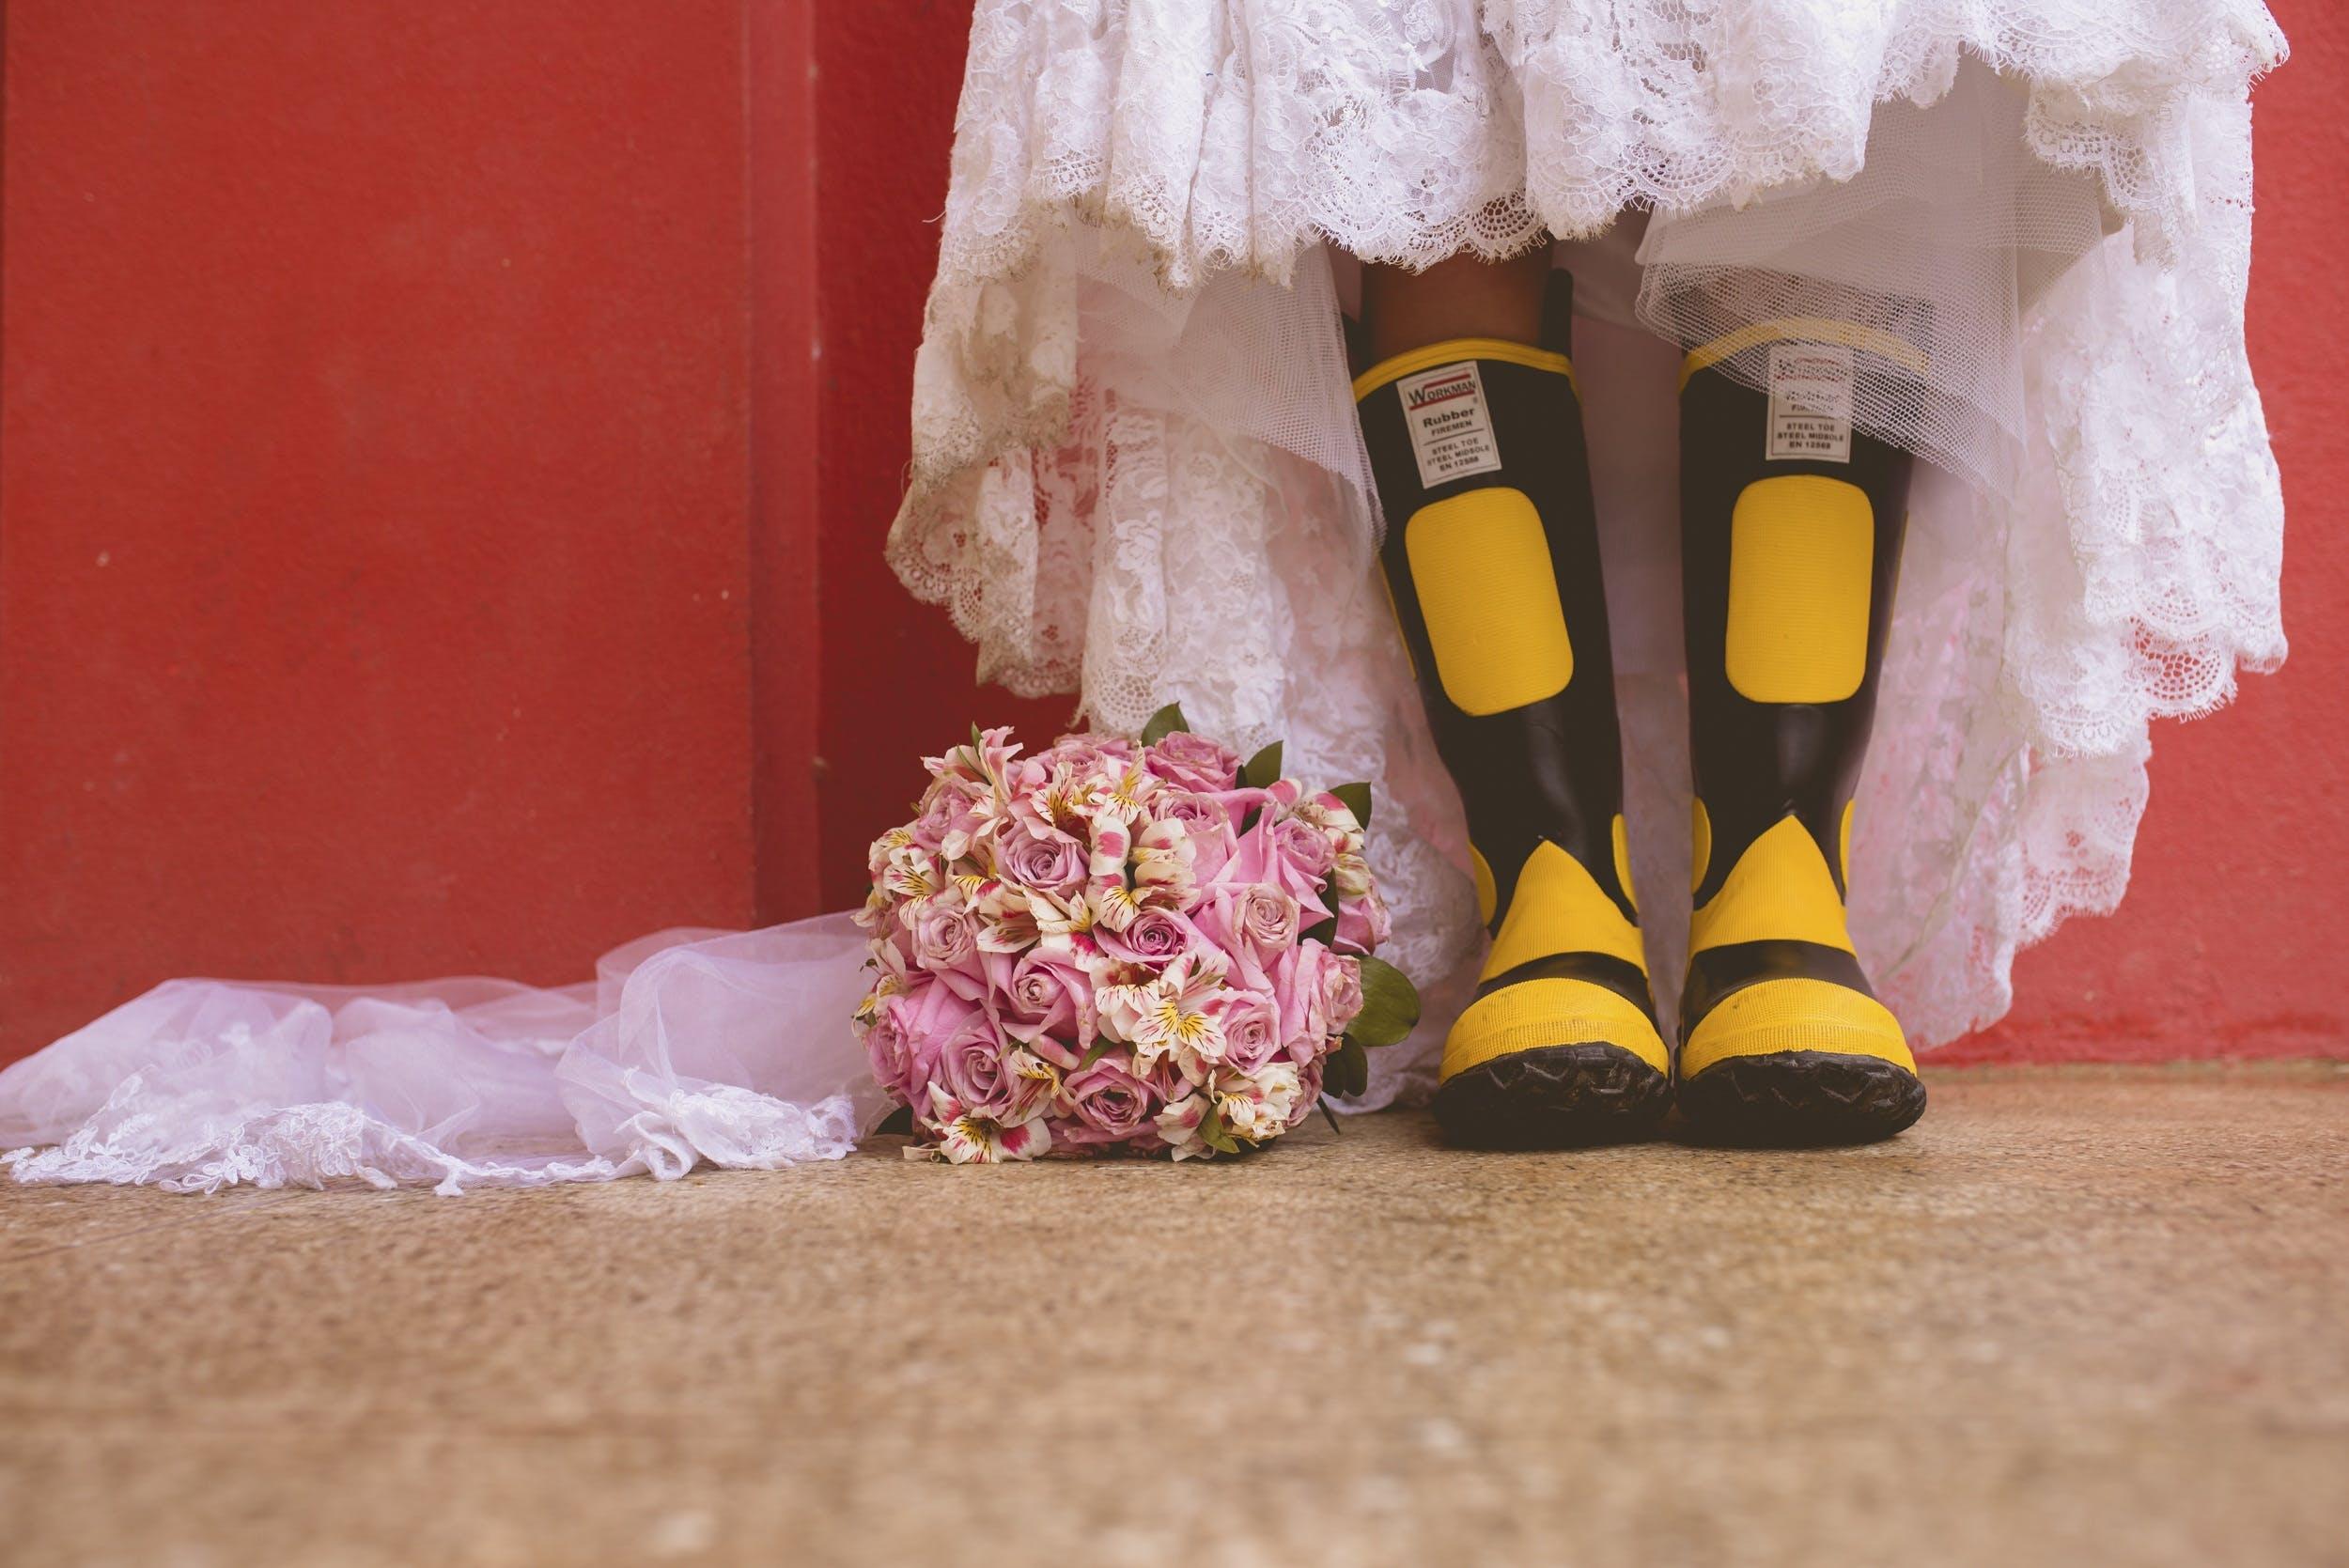 boots, bridal bouquet, bride